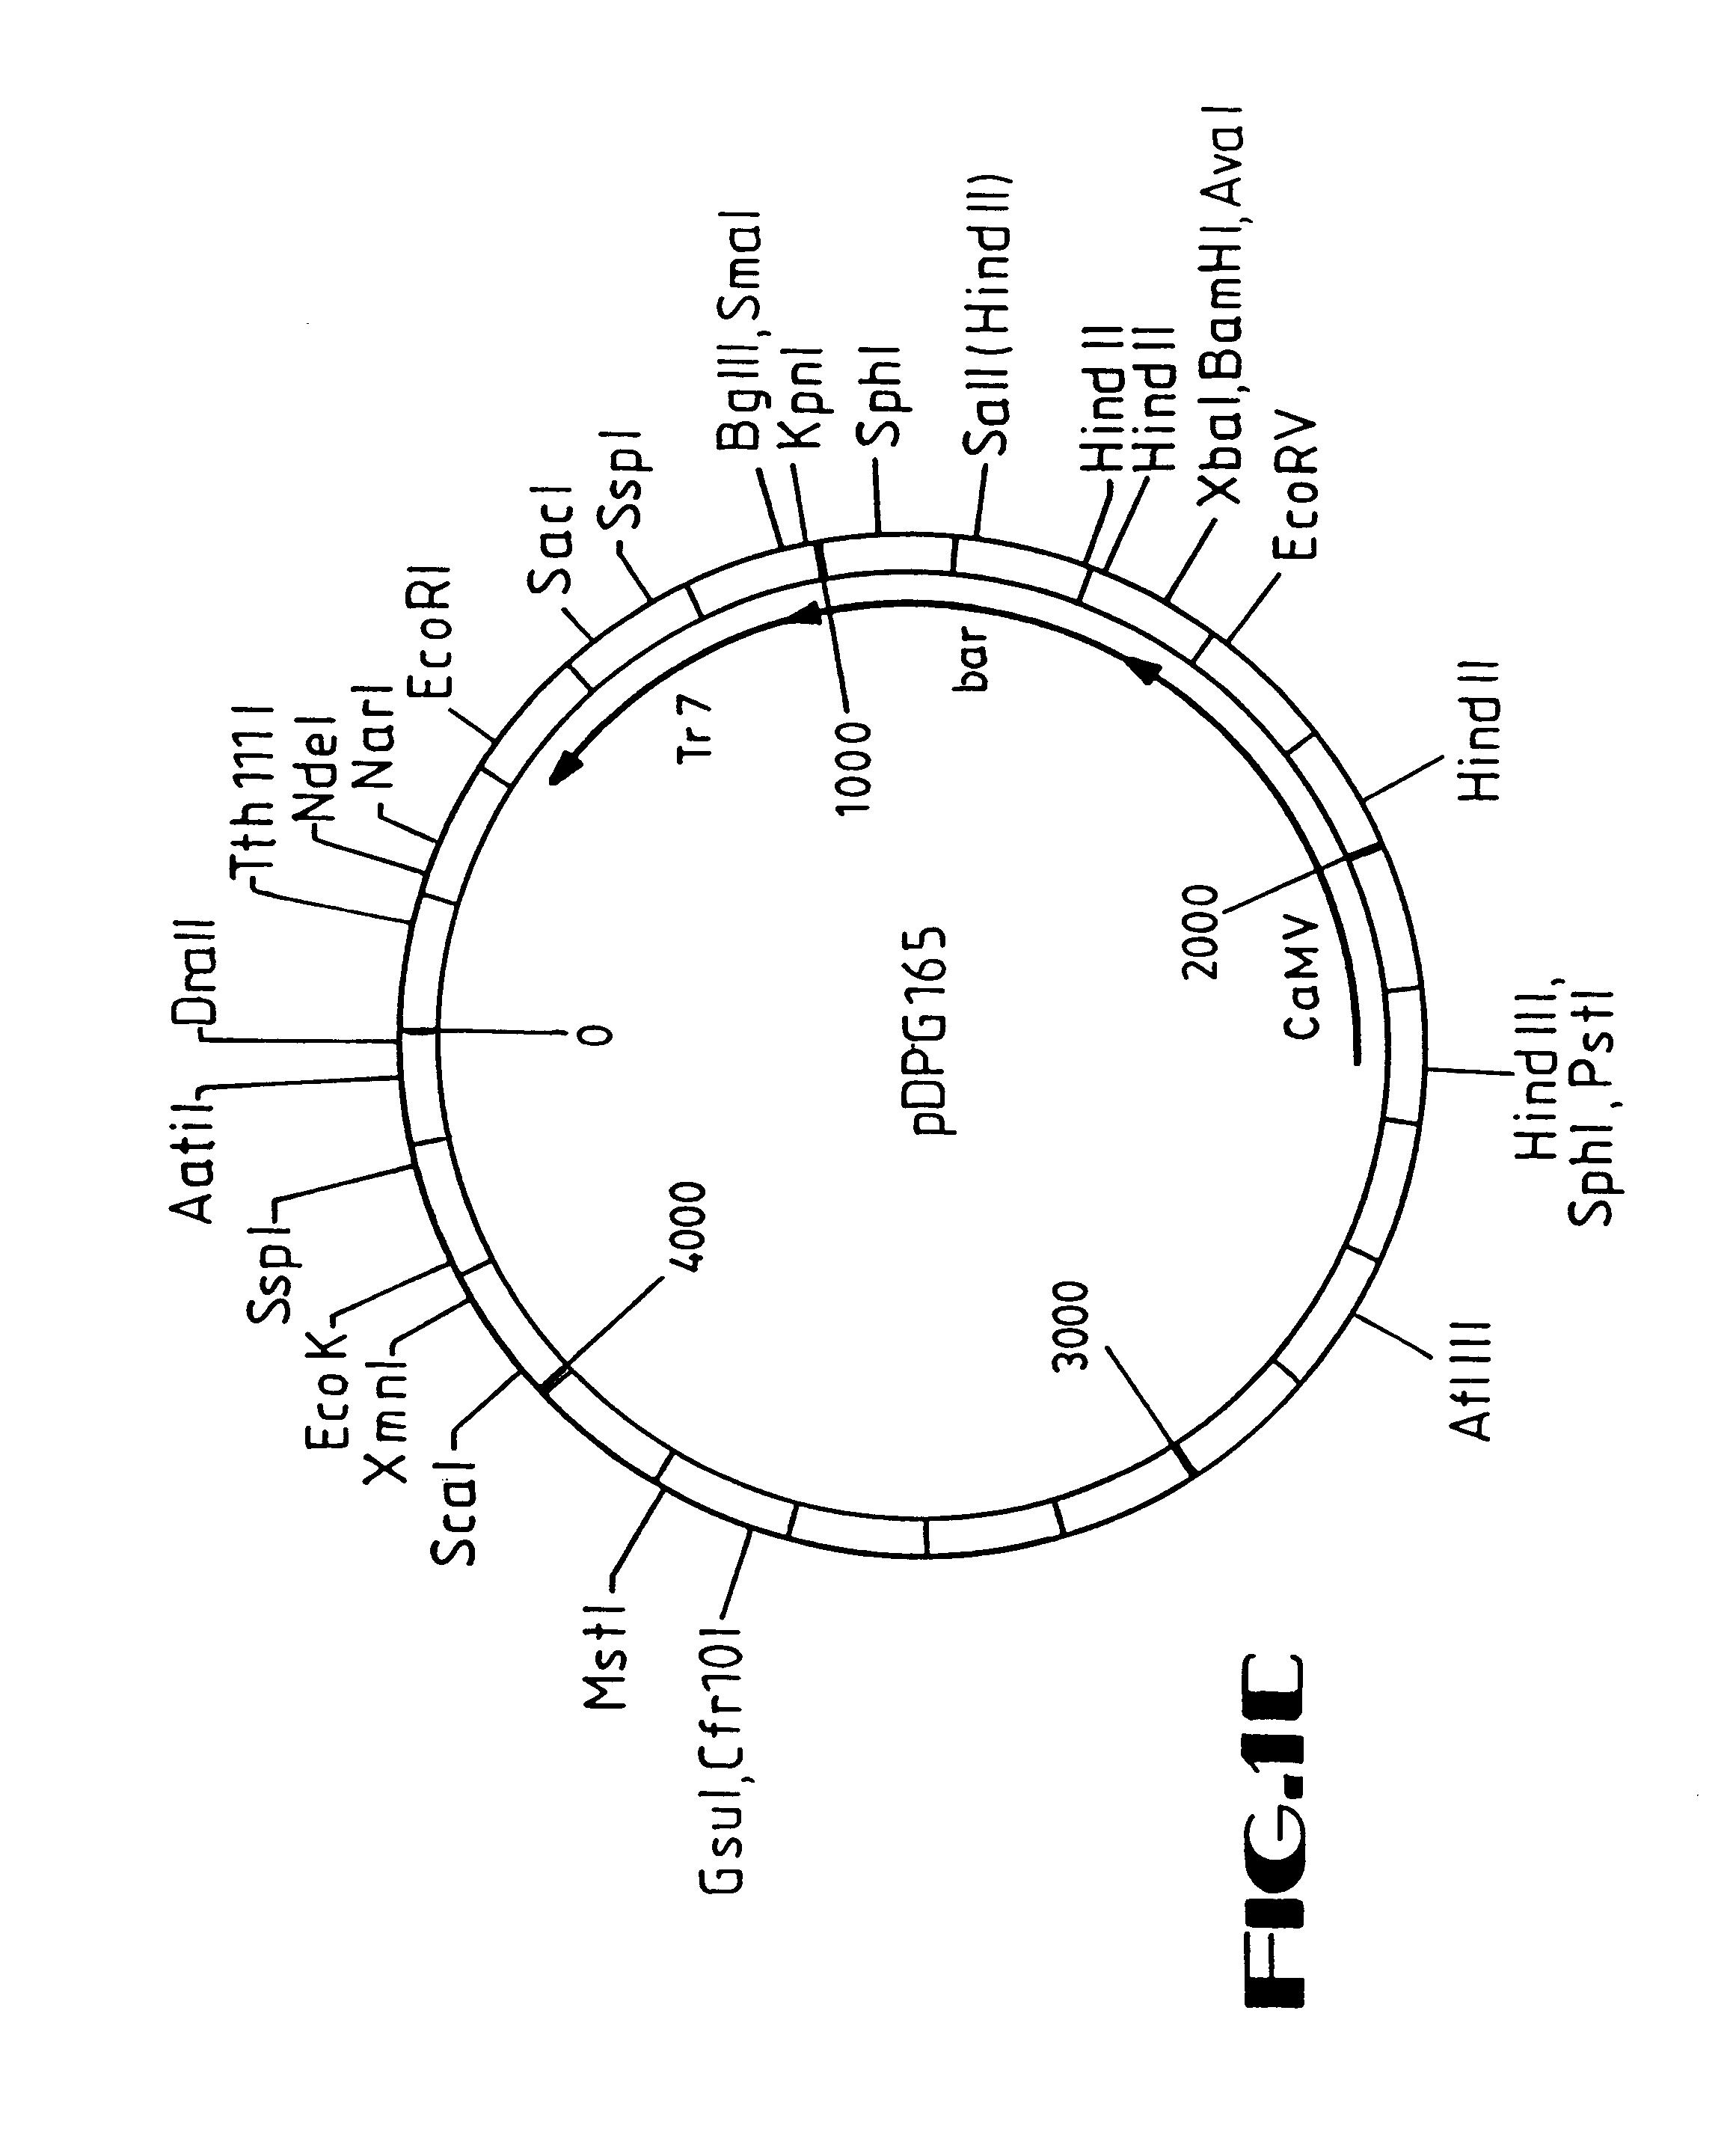 pioneer deh 2700 wiring diagram  pioneer  get free image